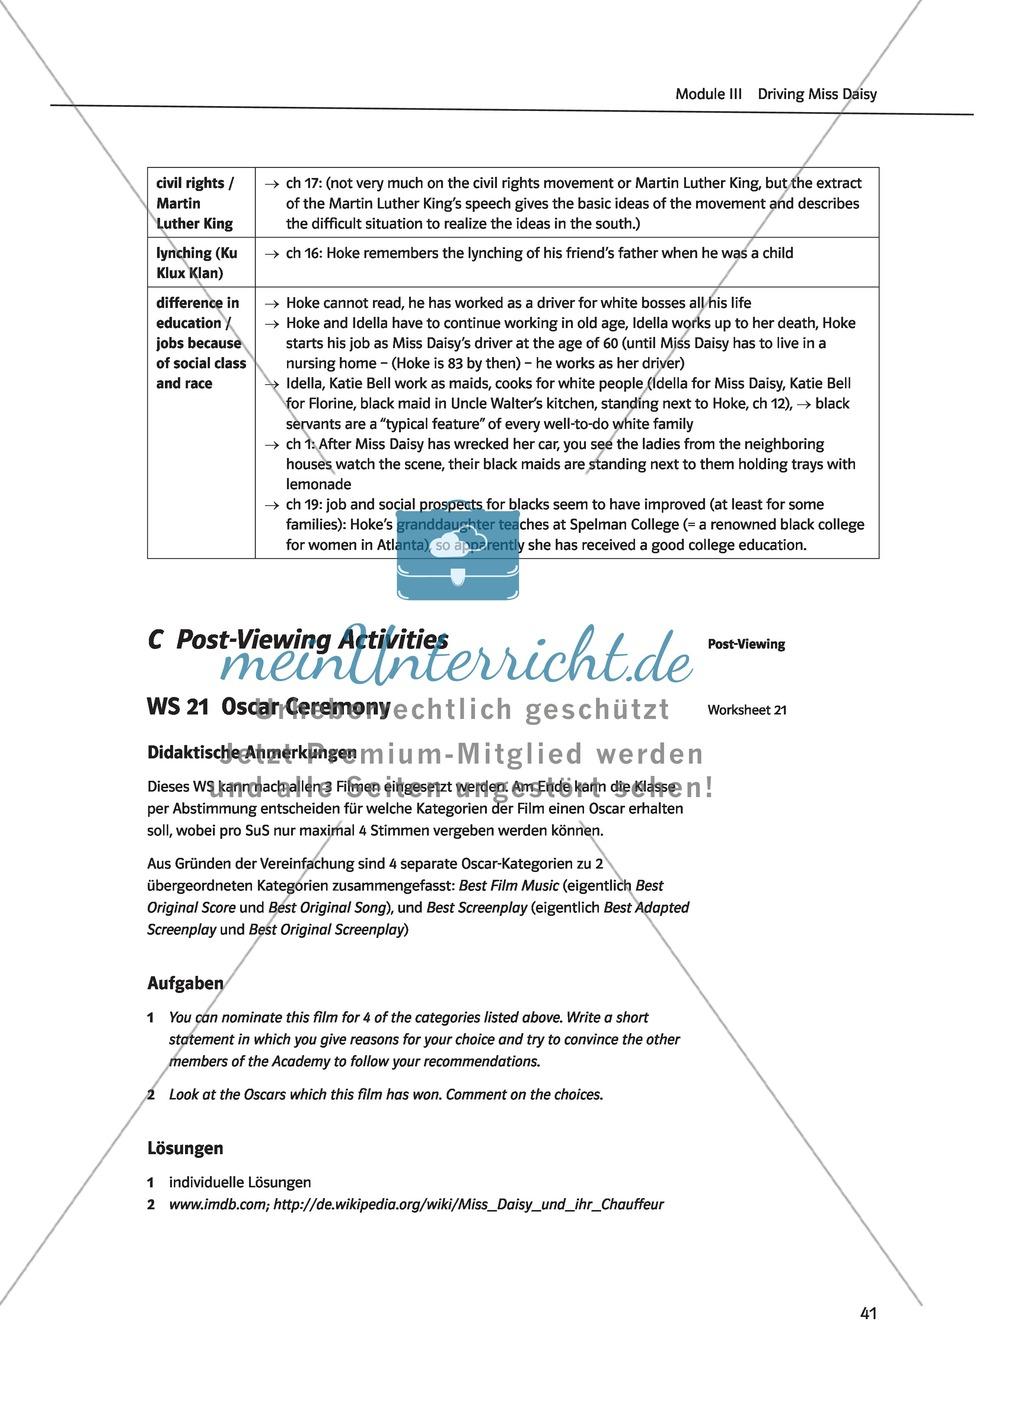 Driving Miss Daisy: Lernziele + Inhalt + Arbeitsblätter + Klausur + Lösungen Preview 23